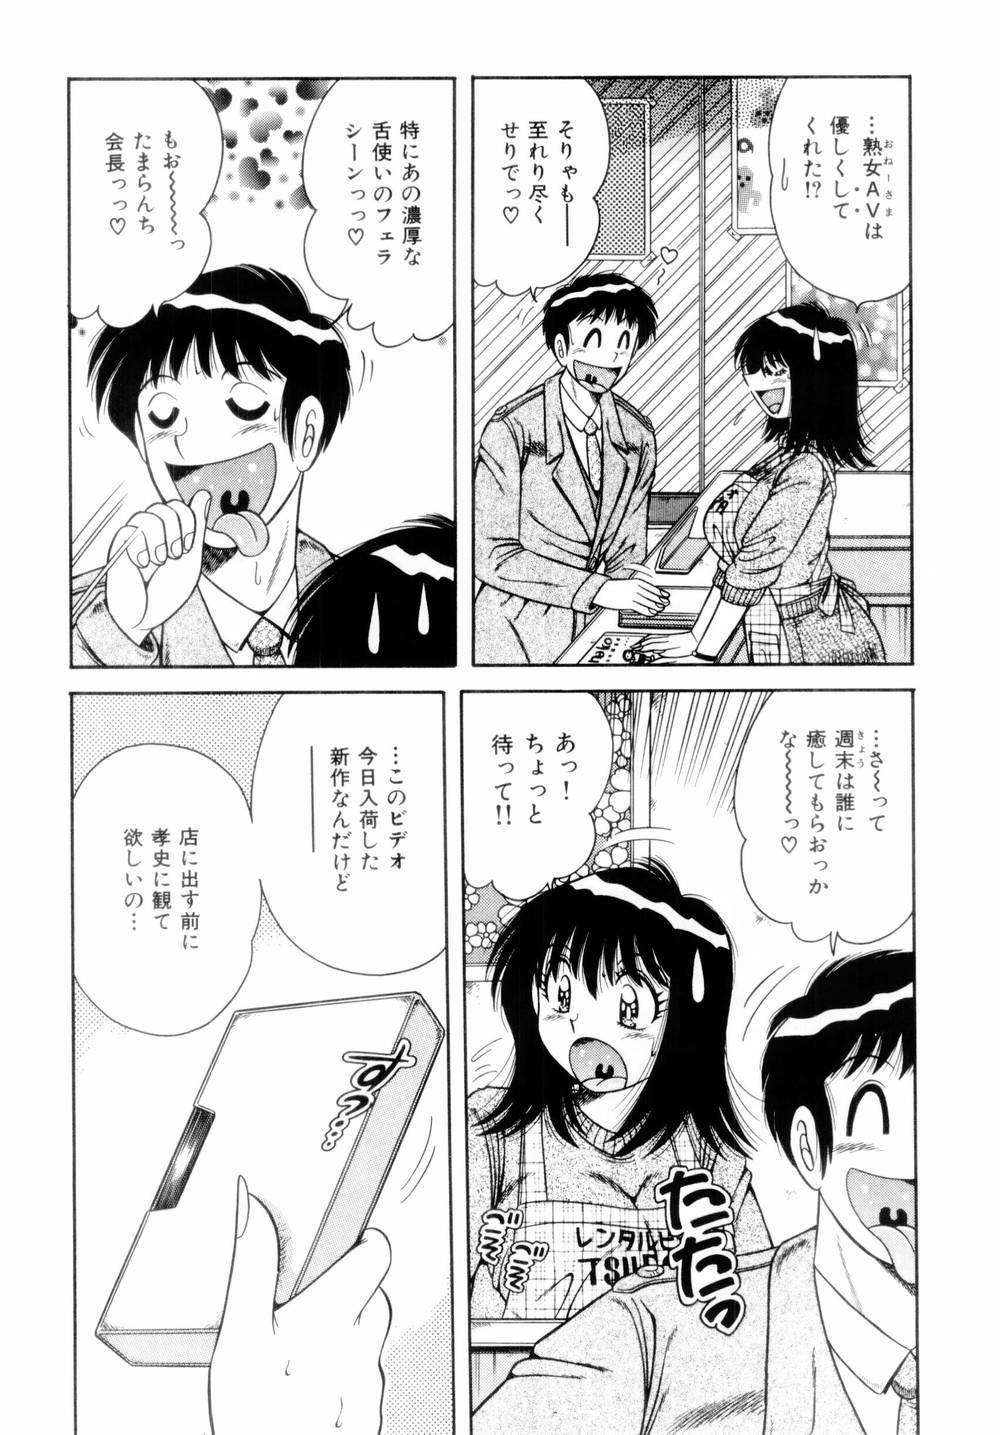 Misshitsu no Aventure 131